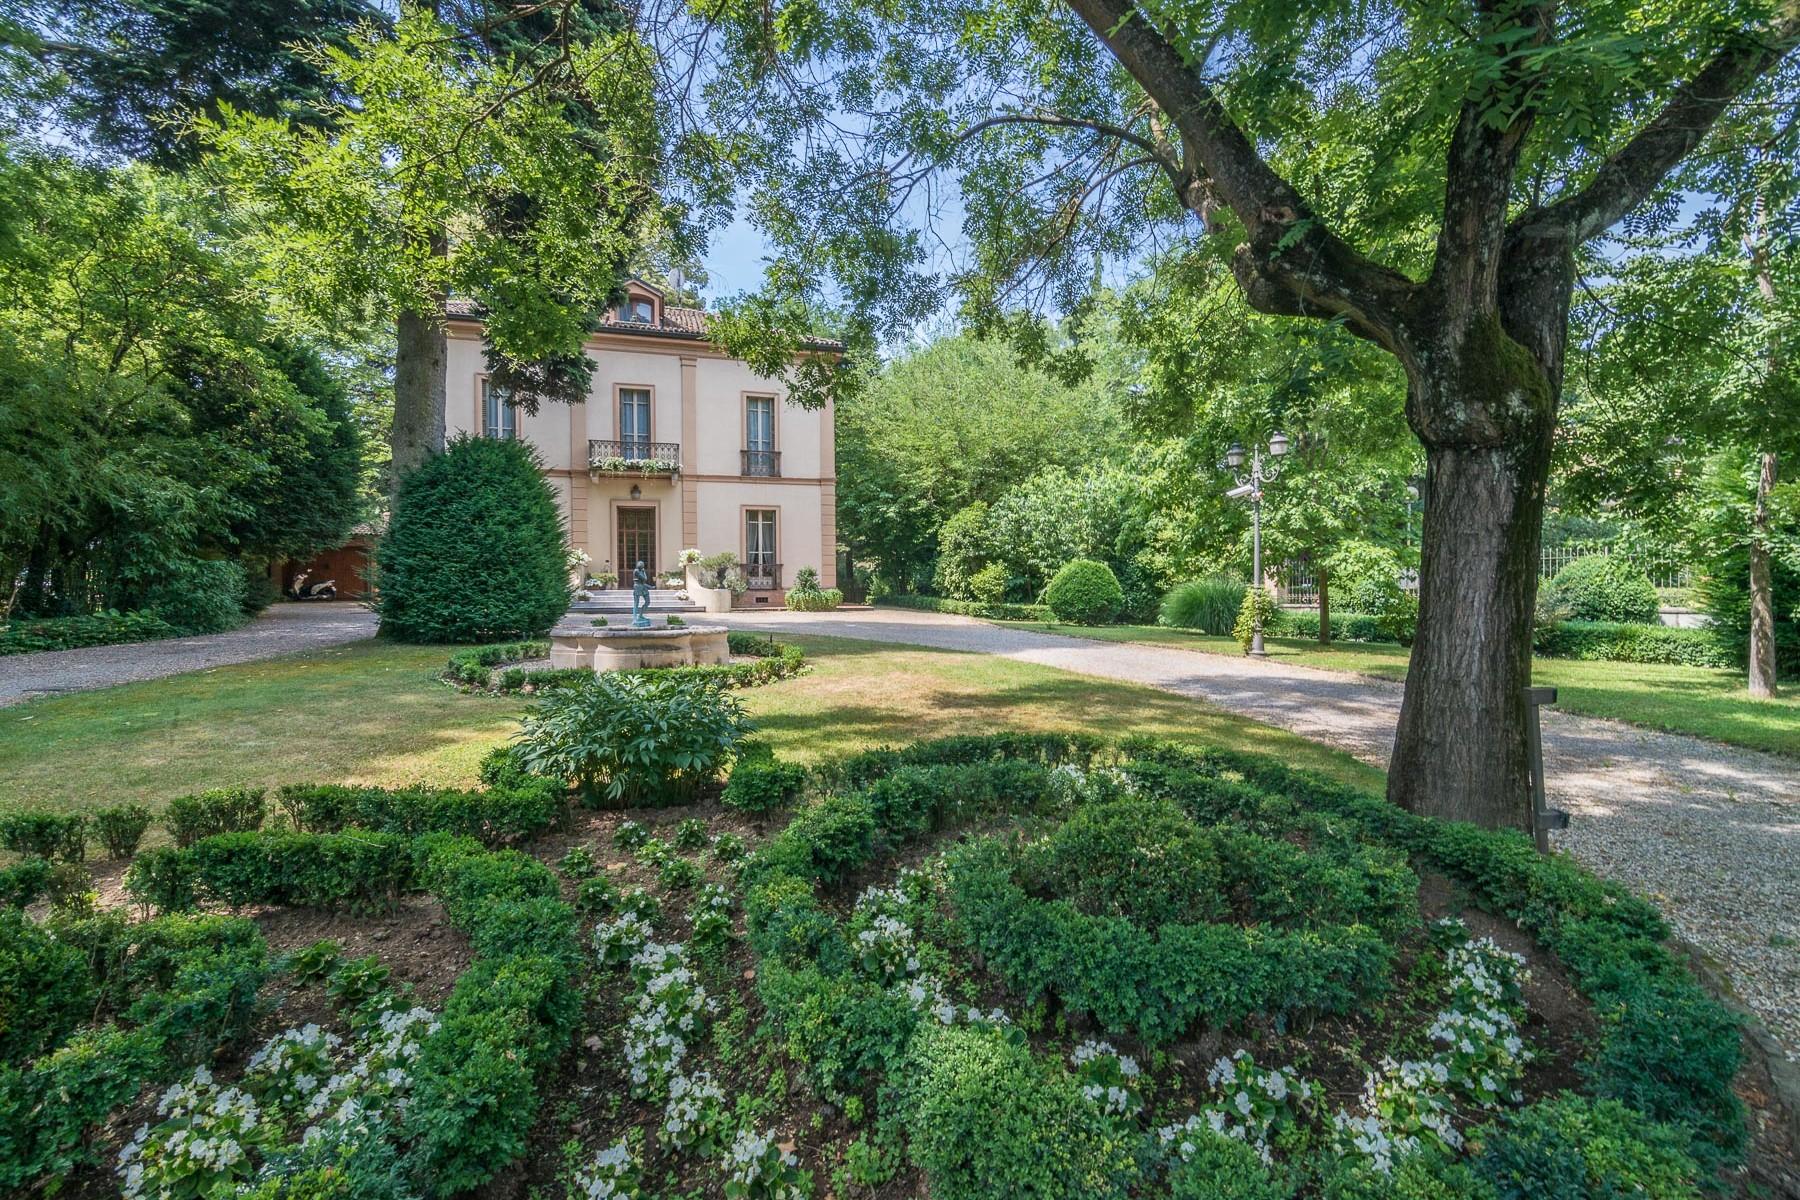 Villa in Vendita a Pavia: 5 locali, 390 mq - Foto 2